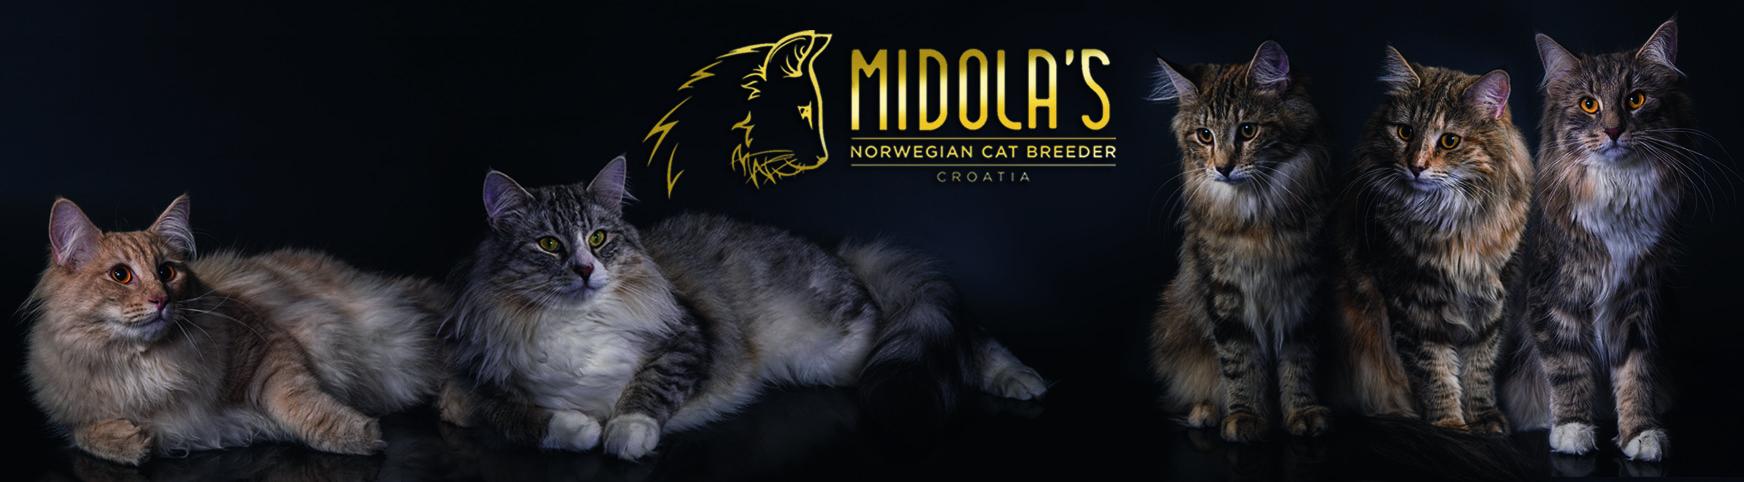 Midola's